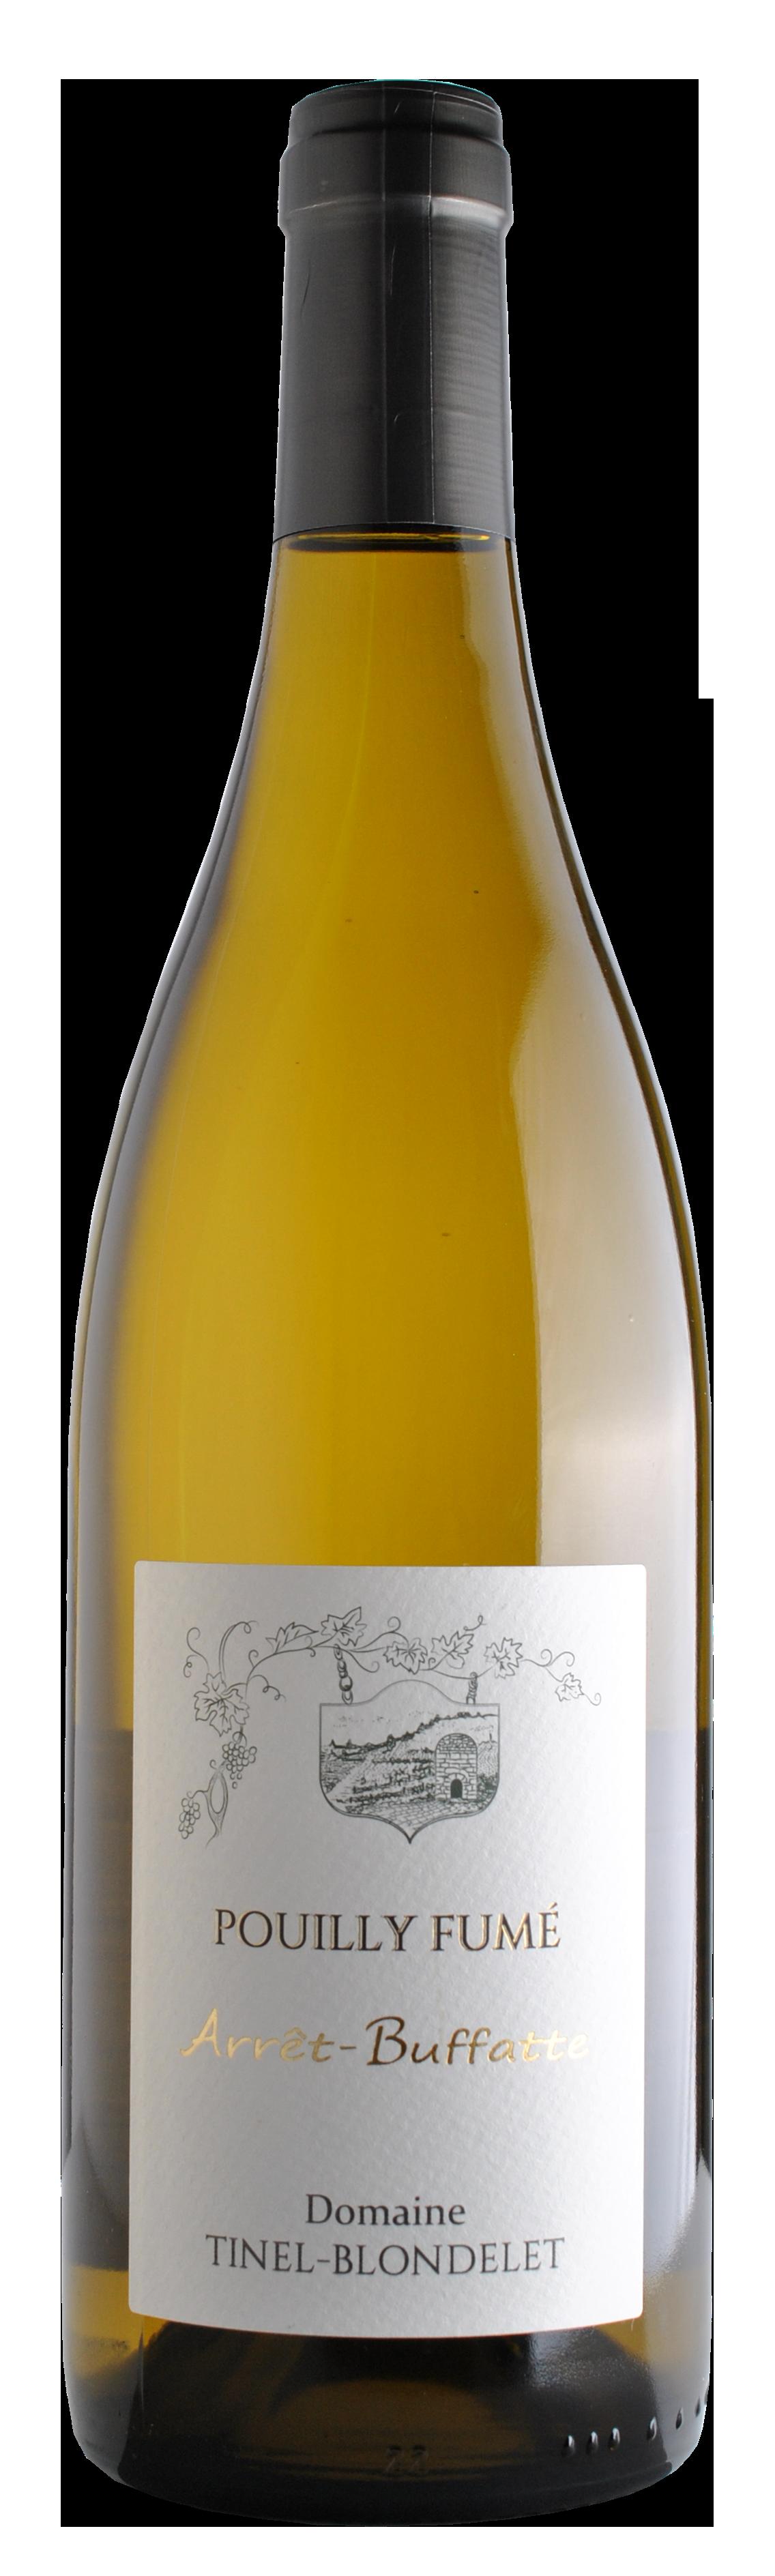 Pouilly Fumé - Vins Pirard